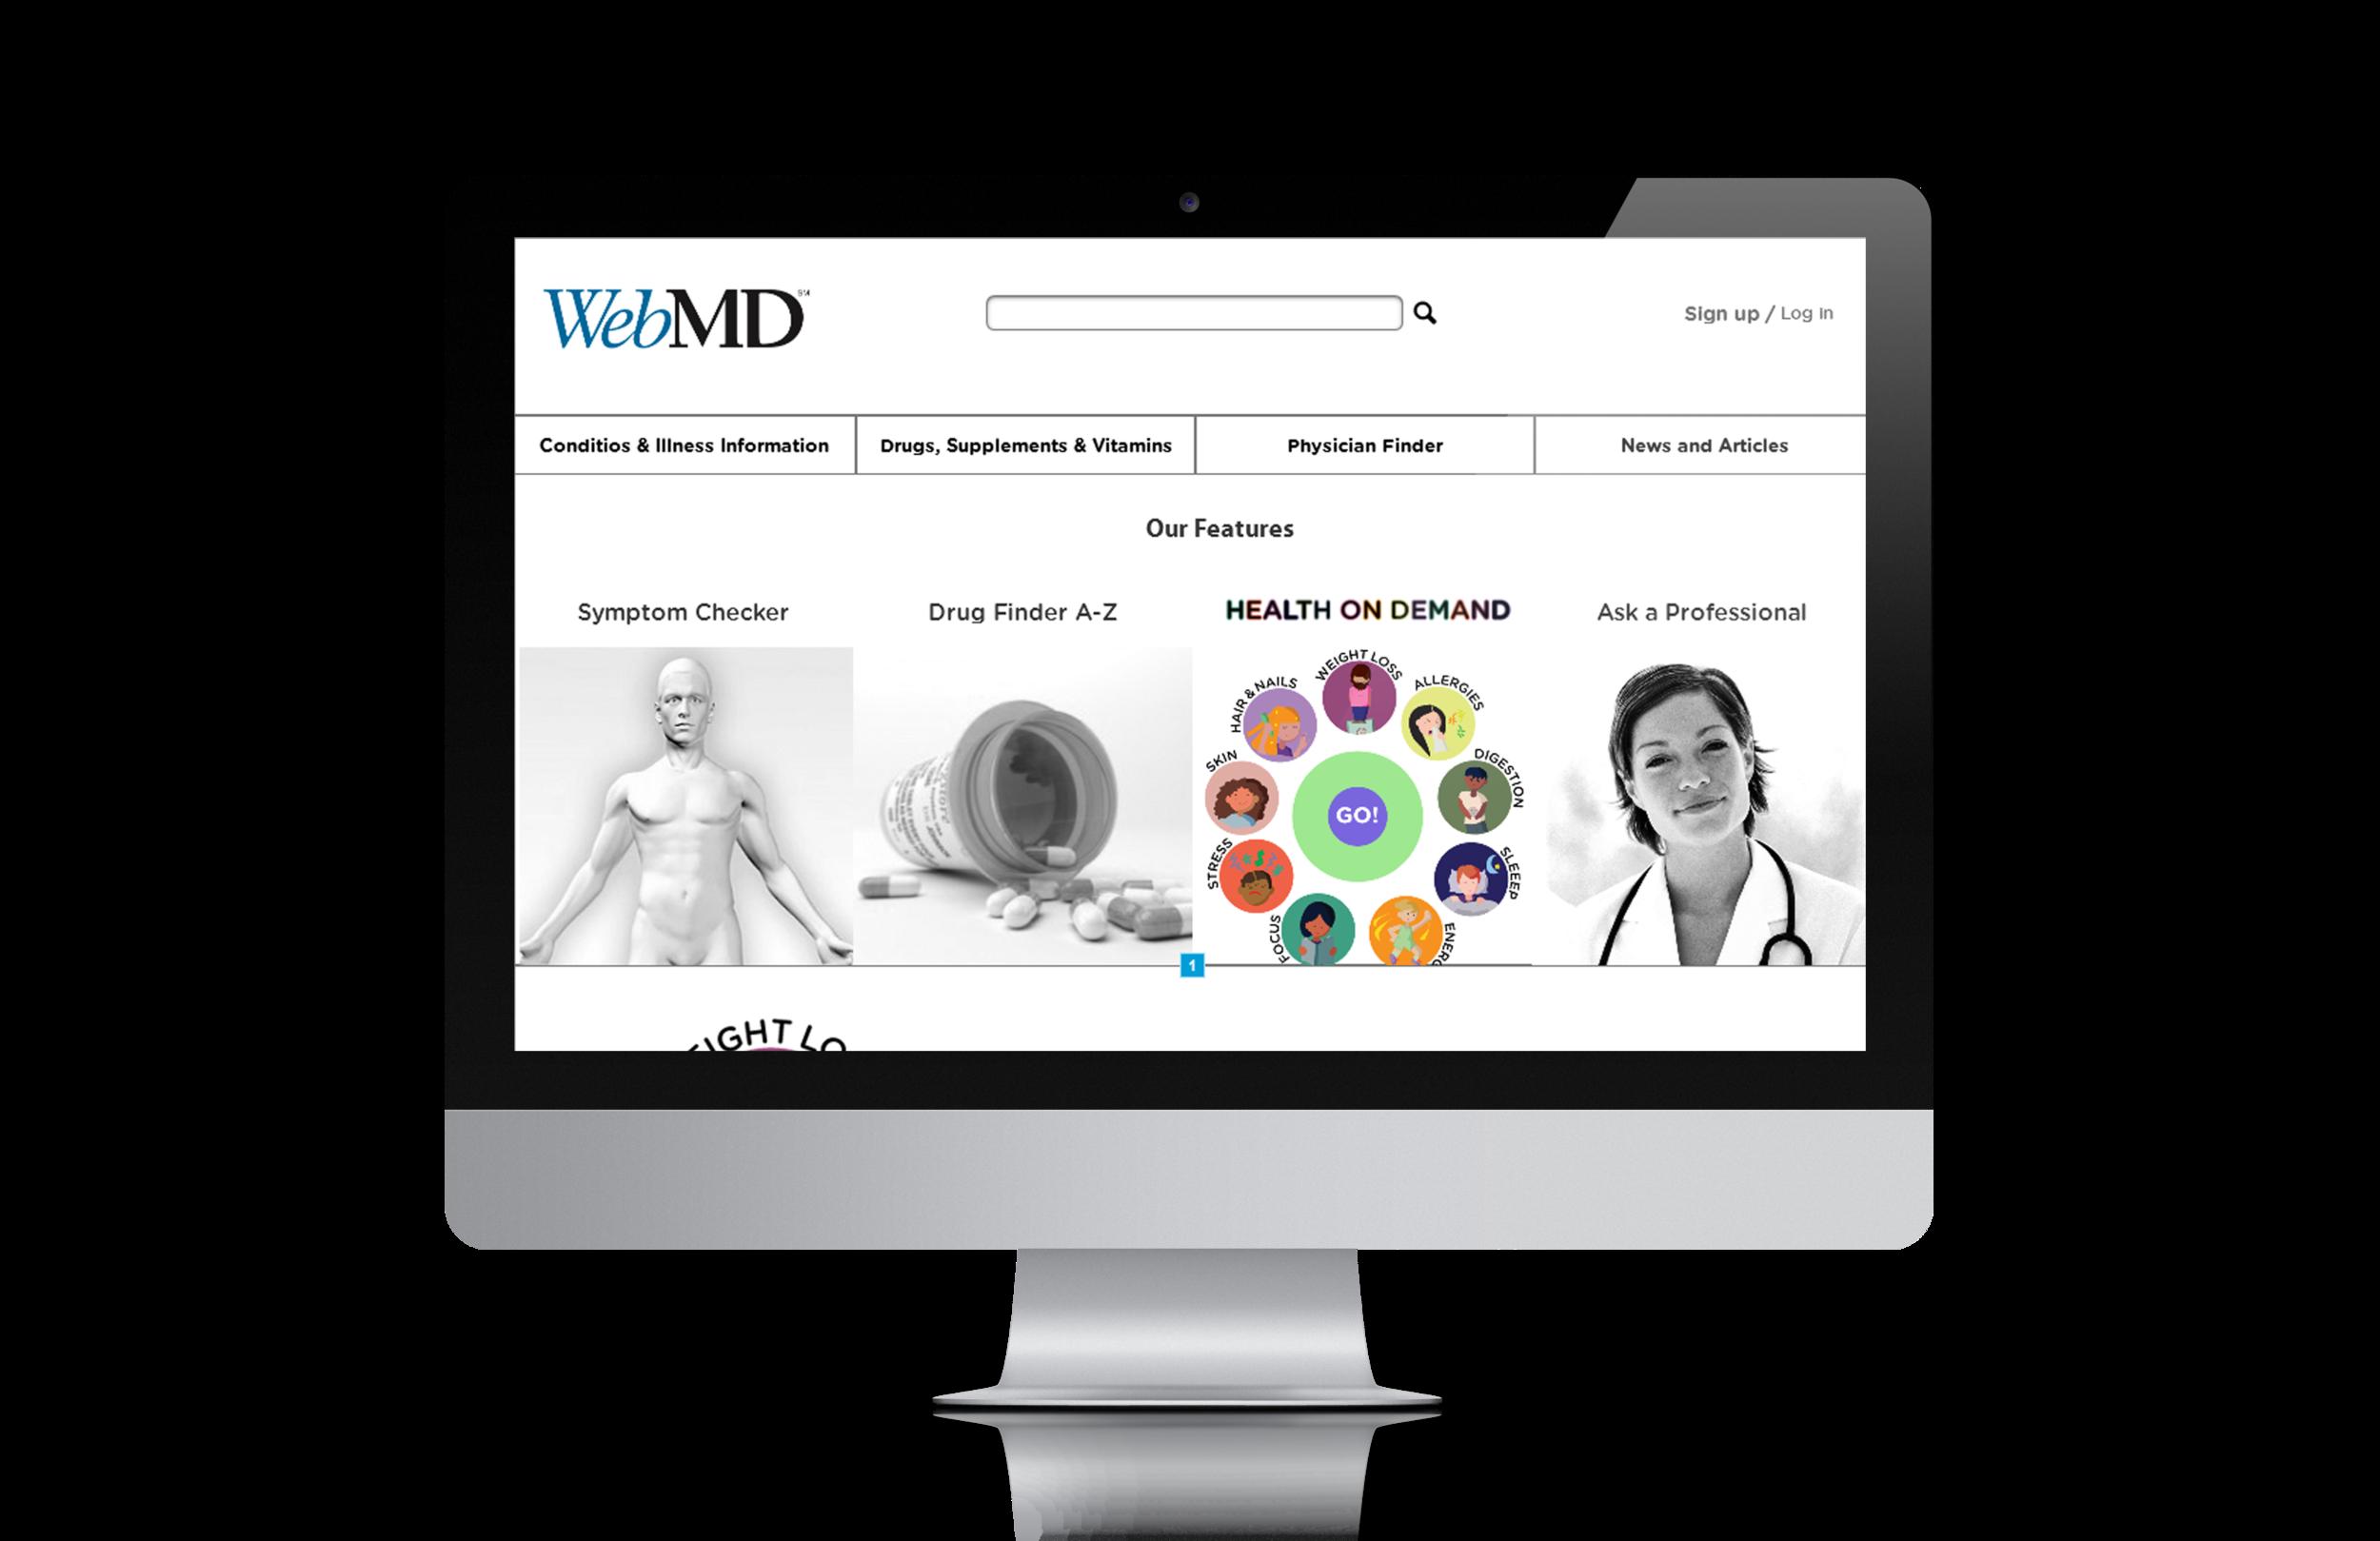 WebMD-desktop.png